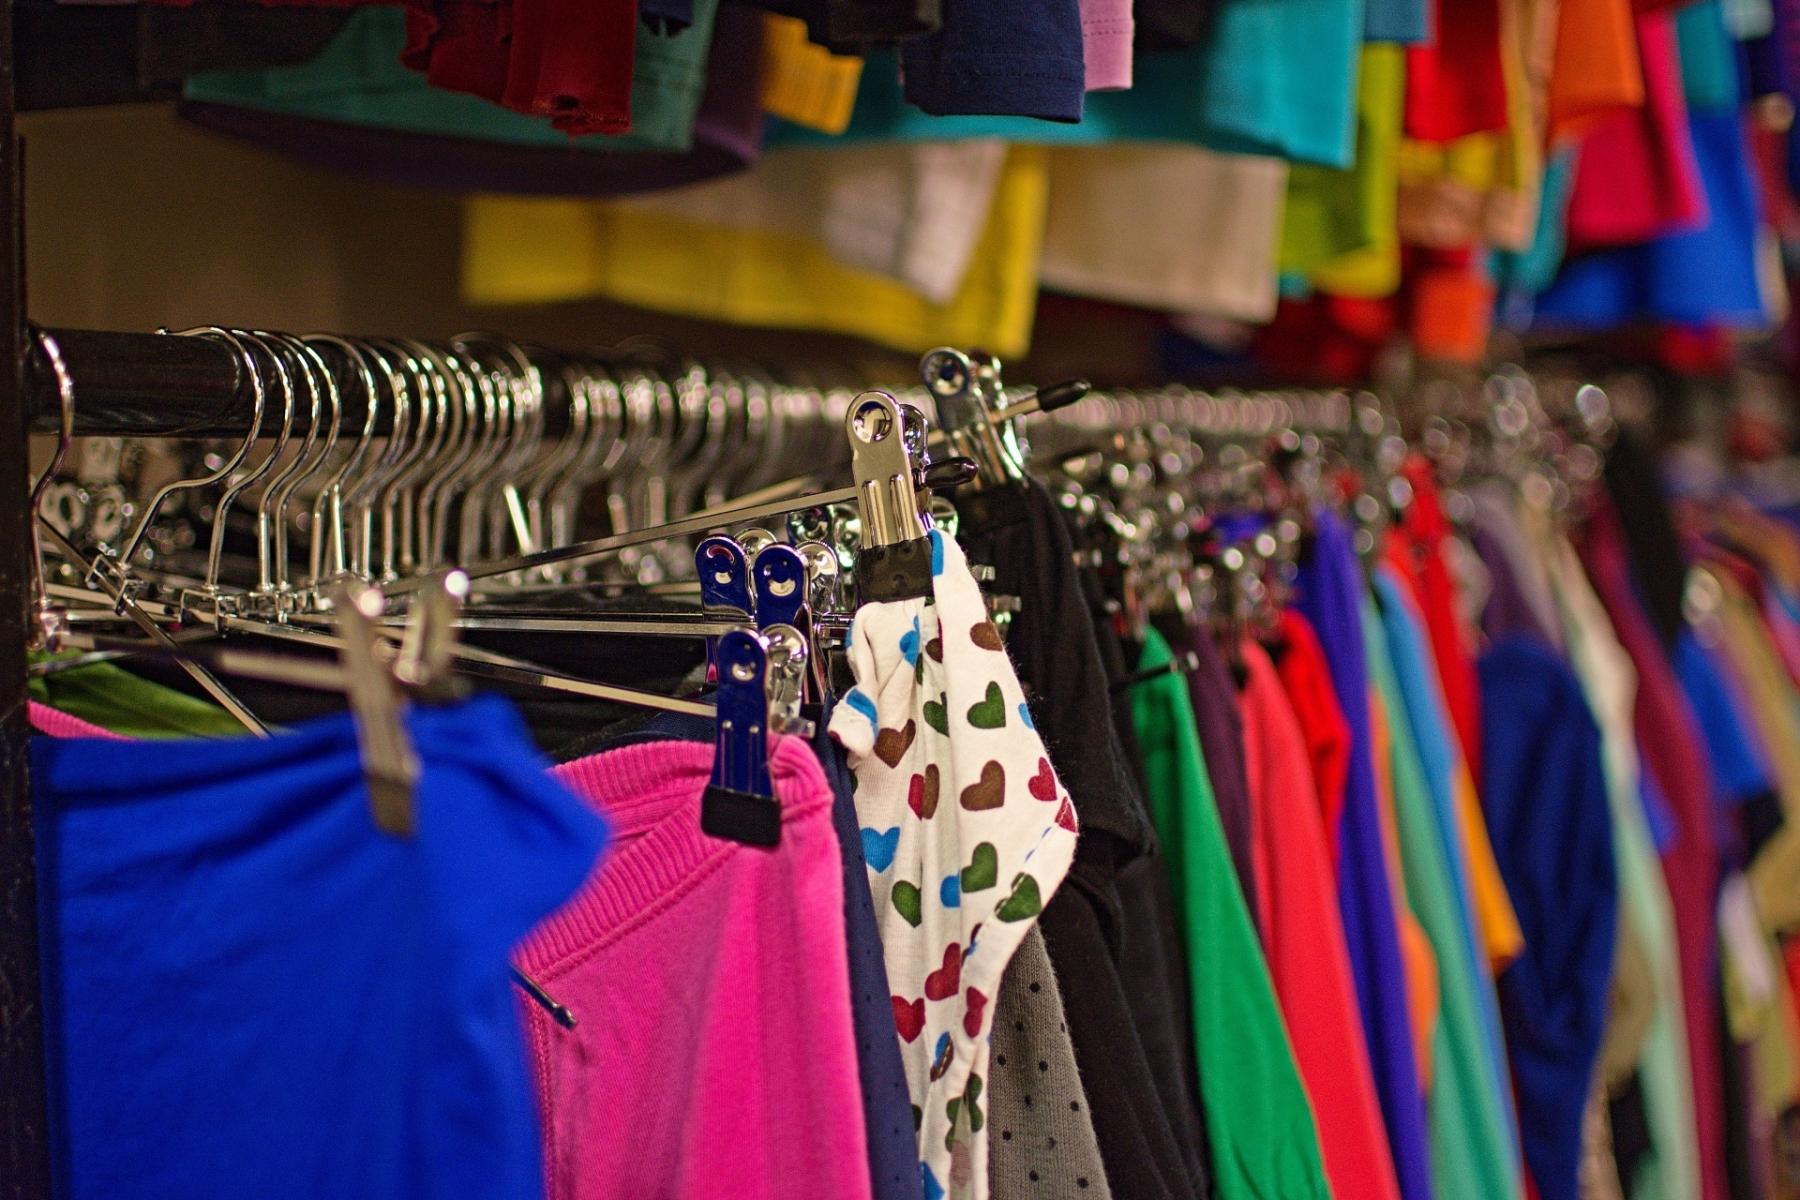 b93b131bc6e6 Vítejte v naší dámské sekci secondhandu nabízíme široký sortiment oblečení.  Víme